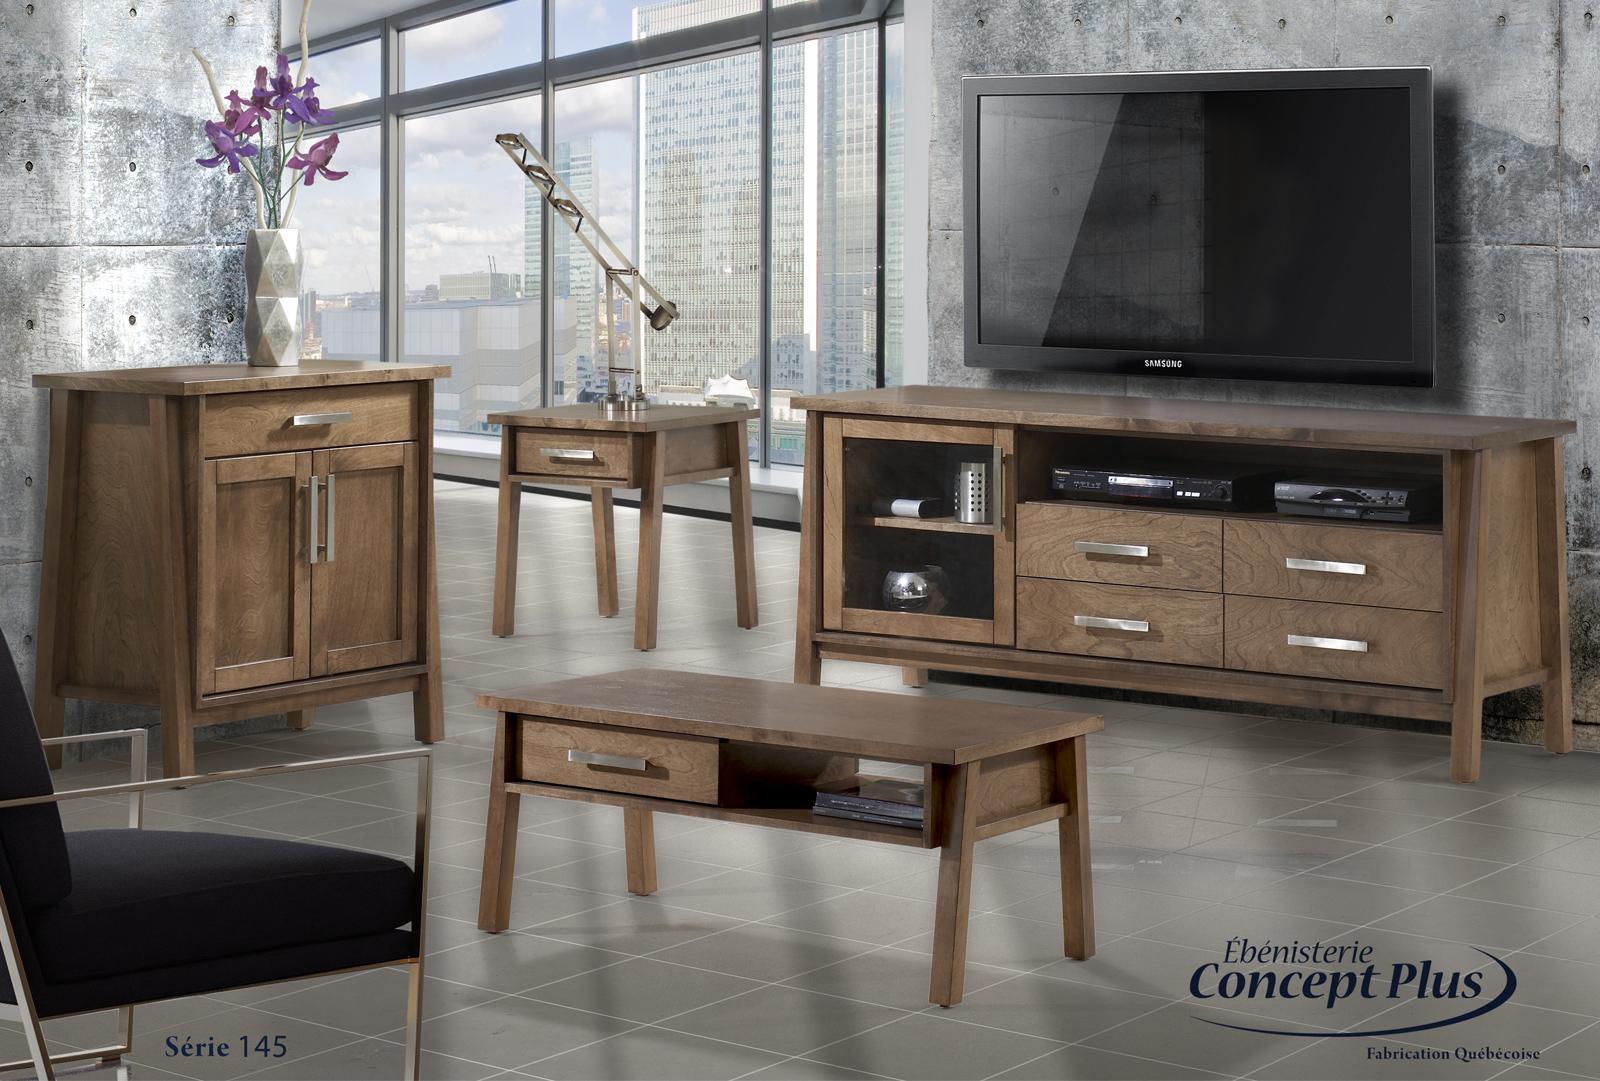 Concept Plus Salon